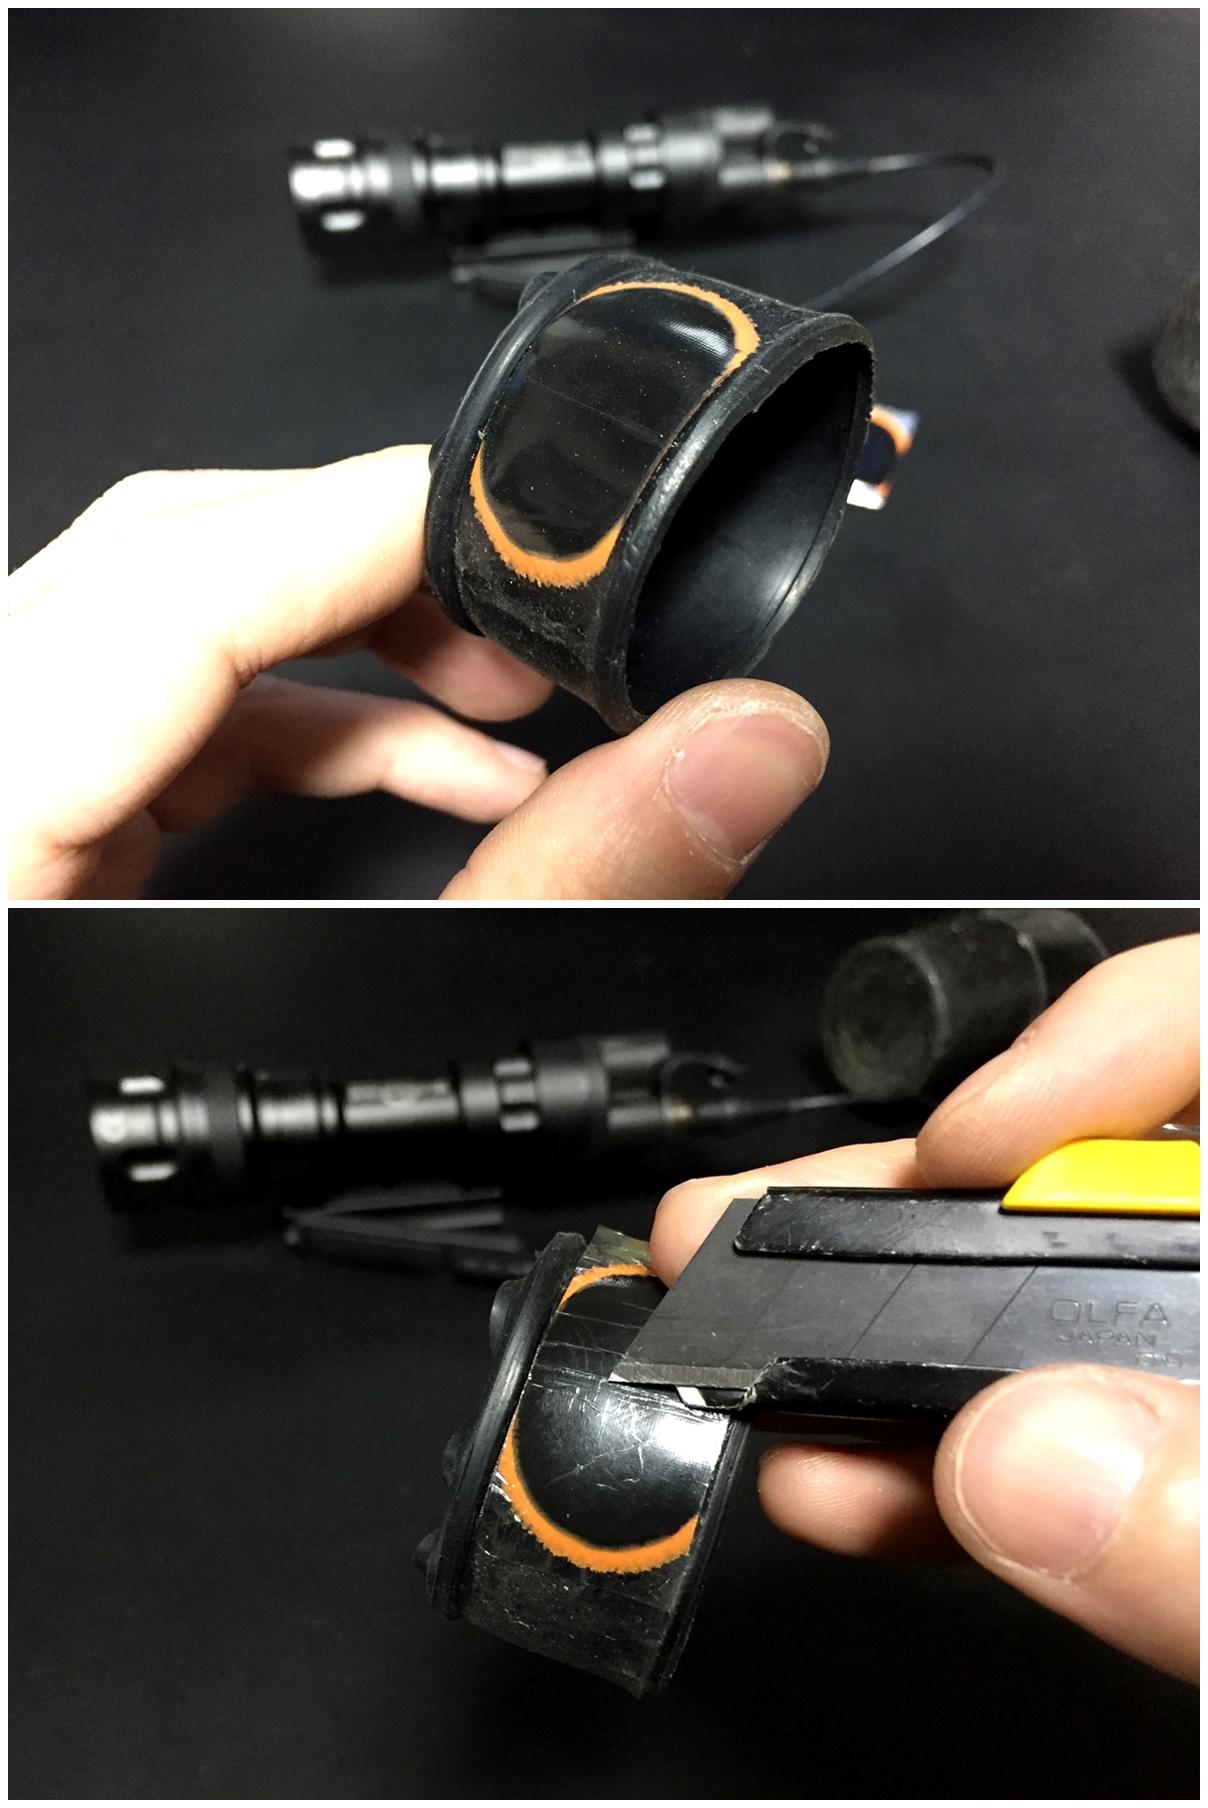 15 ELEMENT フラッシュライト ディフューザー フリップアップ式 カバー 1 47インチ 1 62インチ IRフィルター SUREFIRE タイプ レプリカ フラッシュライト カバー 比較 取付 加工 レビュー